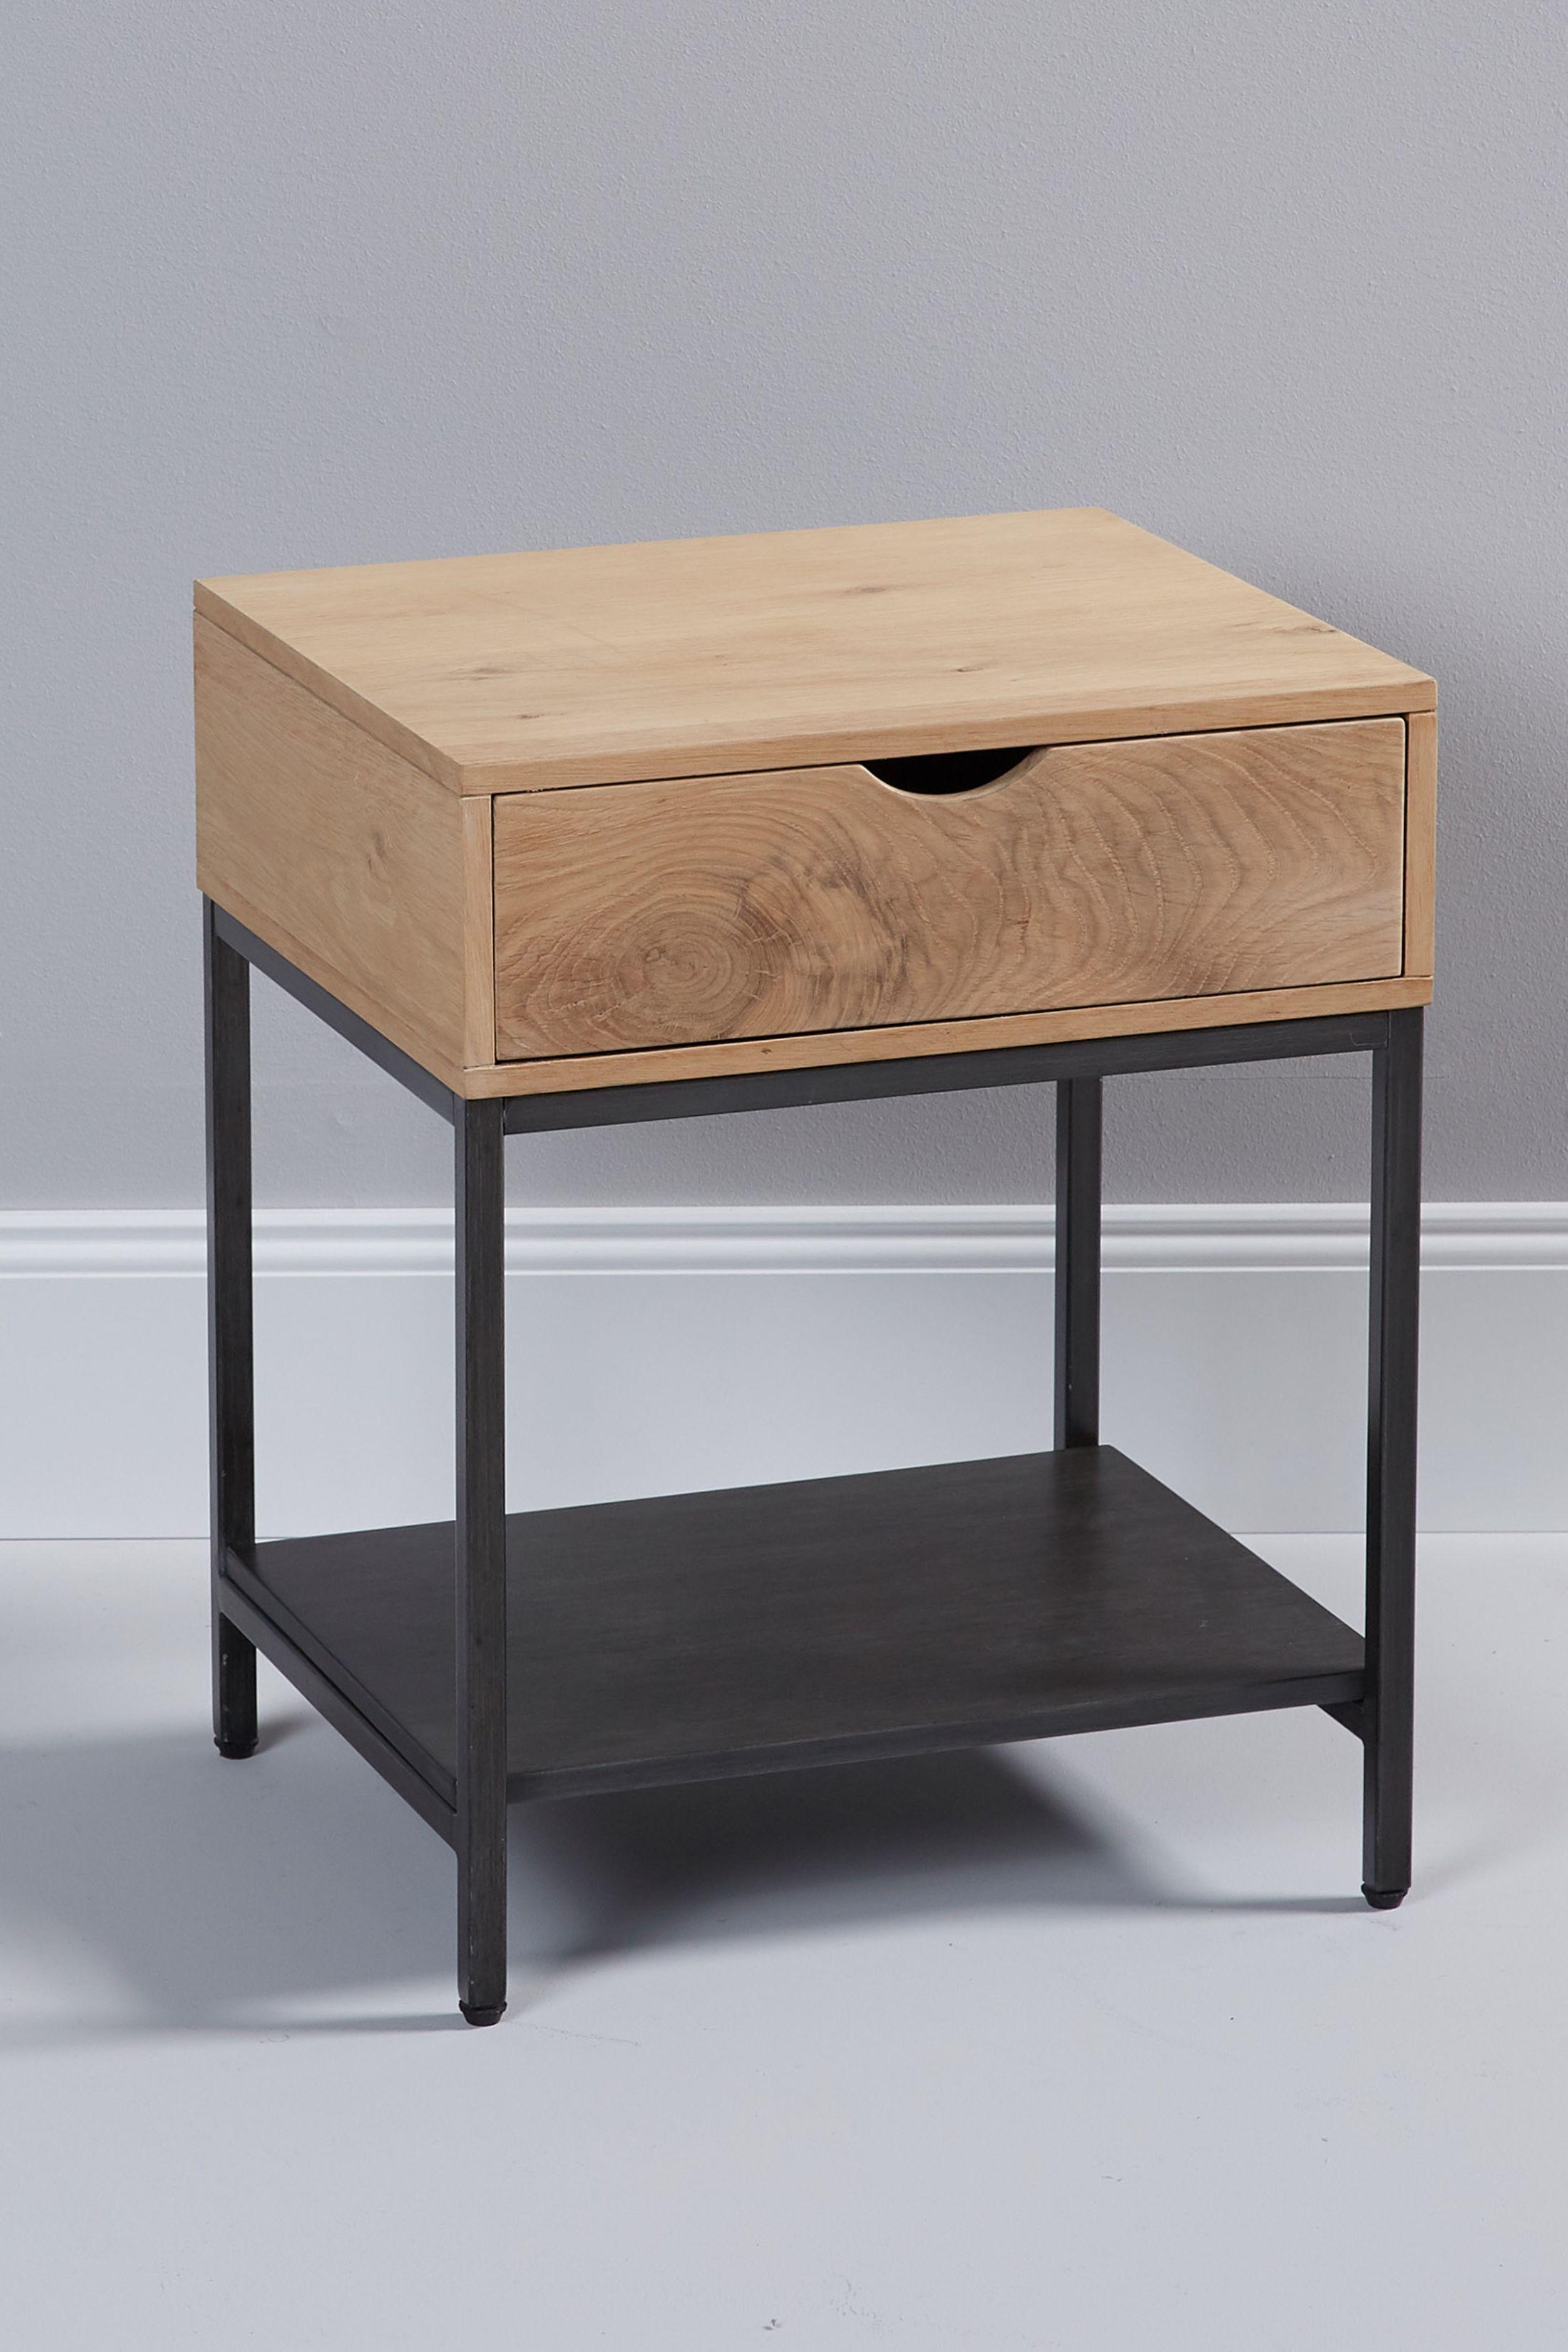 Nachttisch Mit Schublade Nachttisch Schublade Diy Mobel Tisch Recycelte Mobel